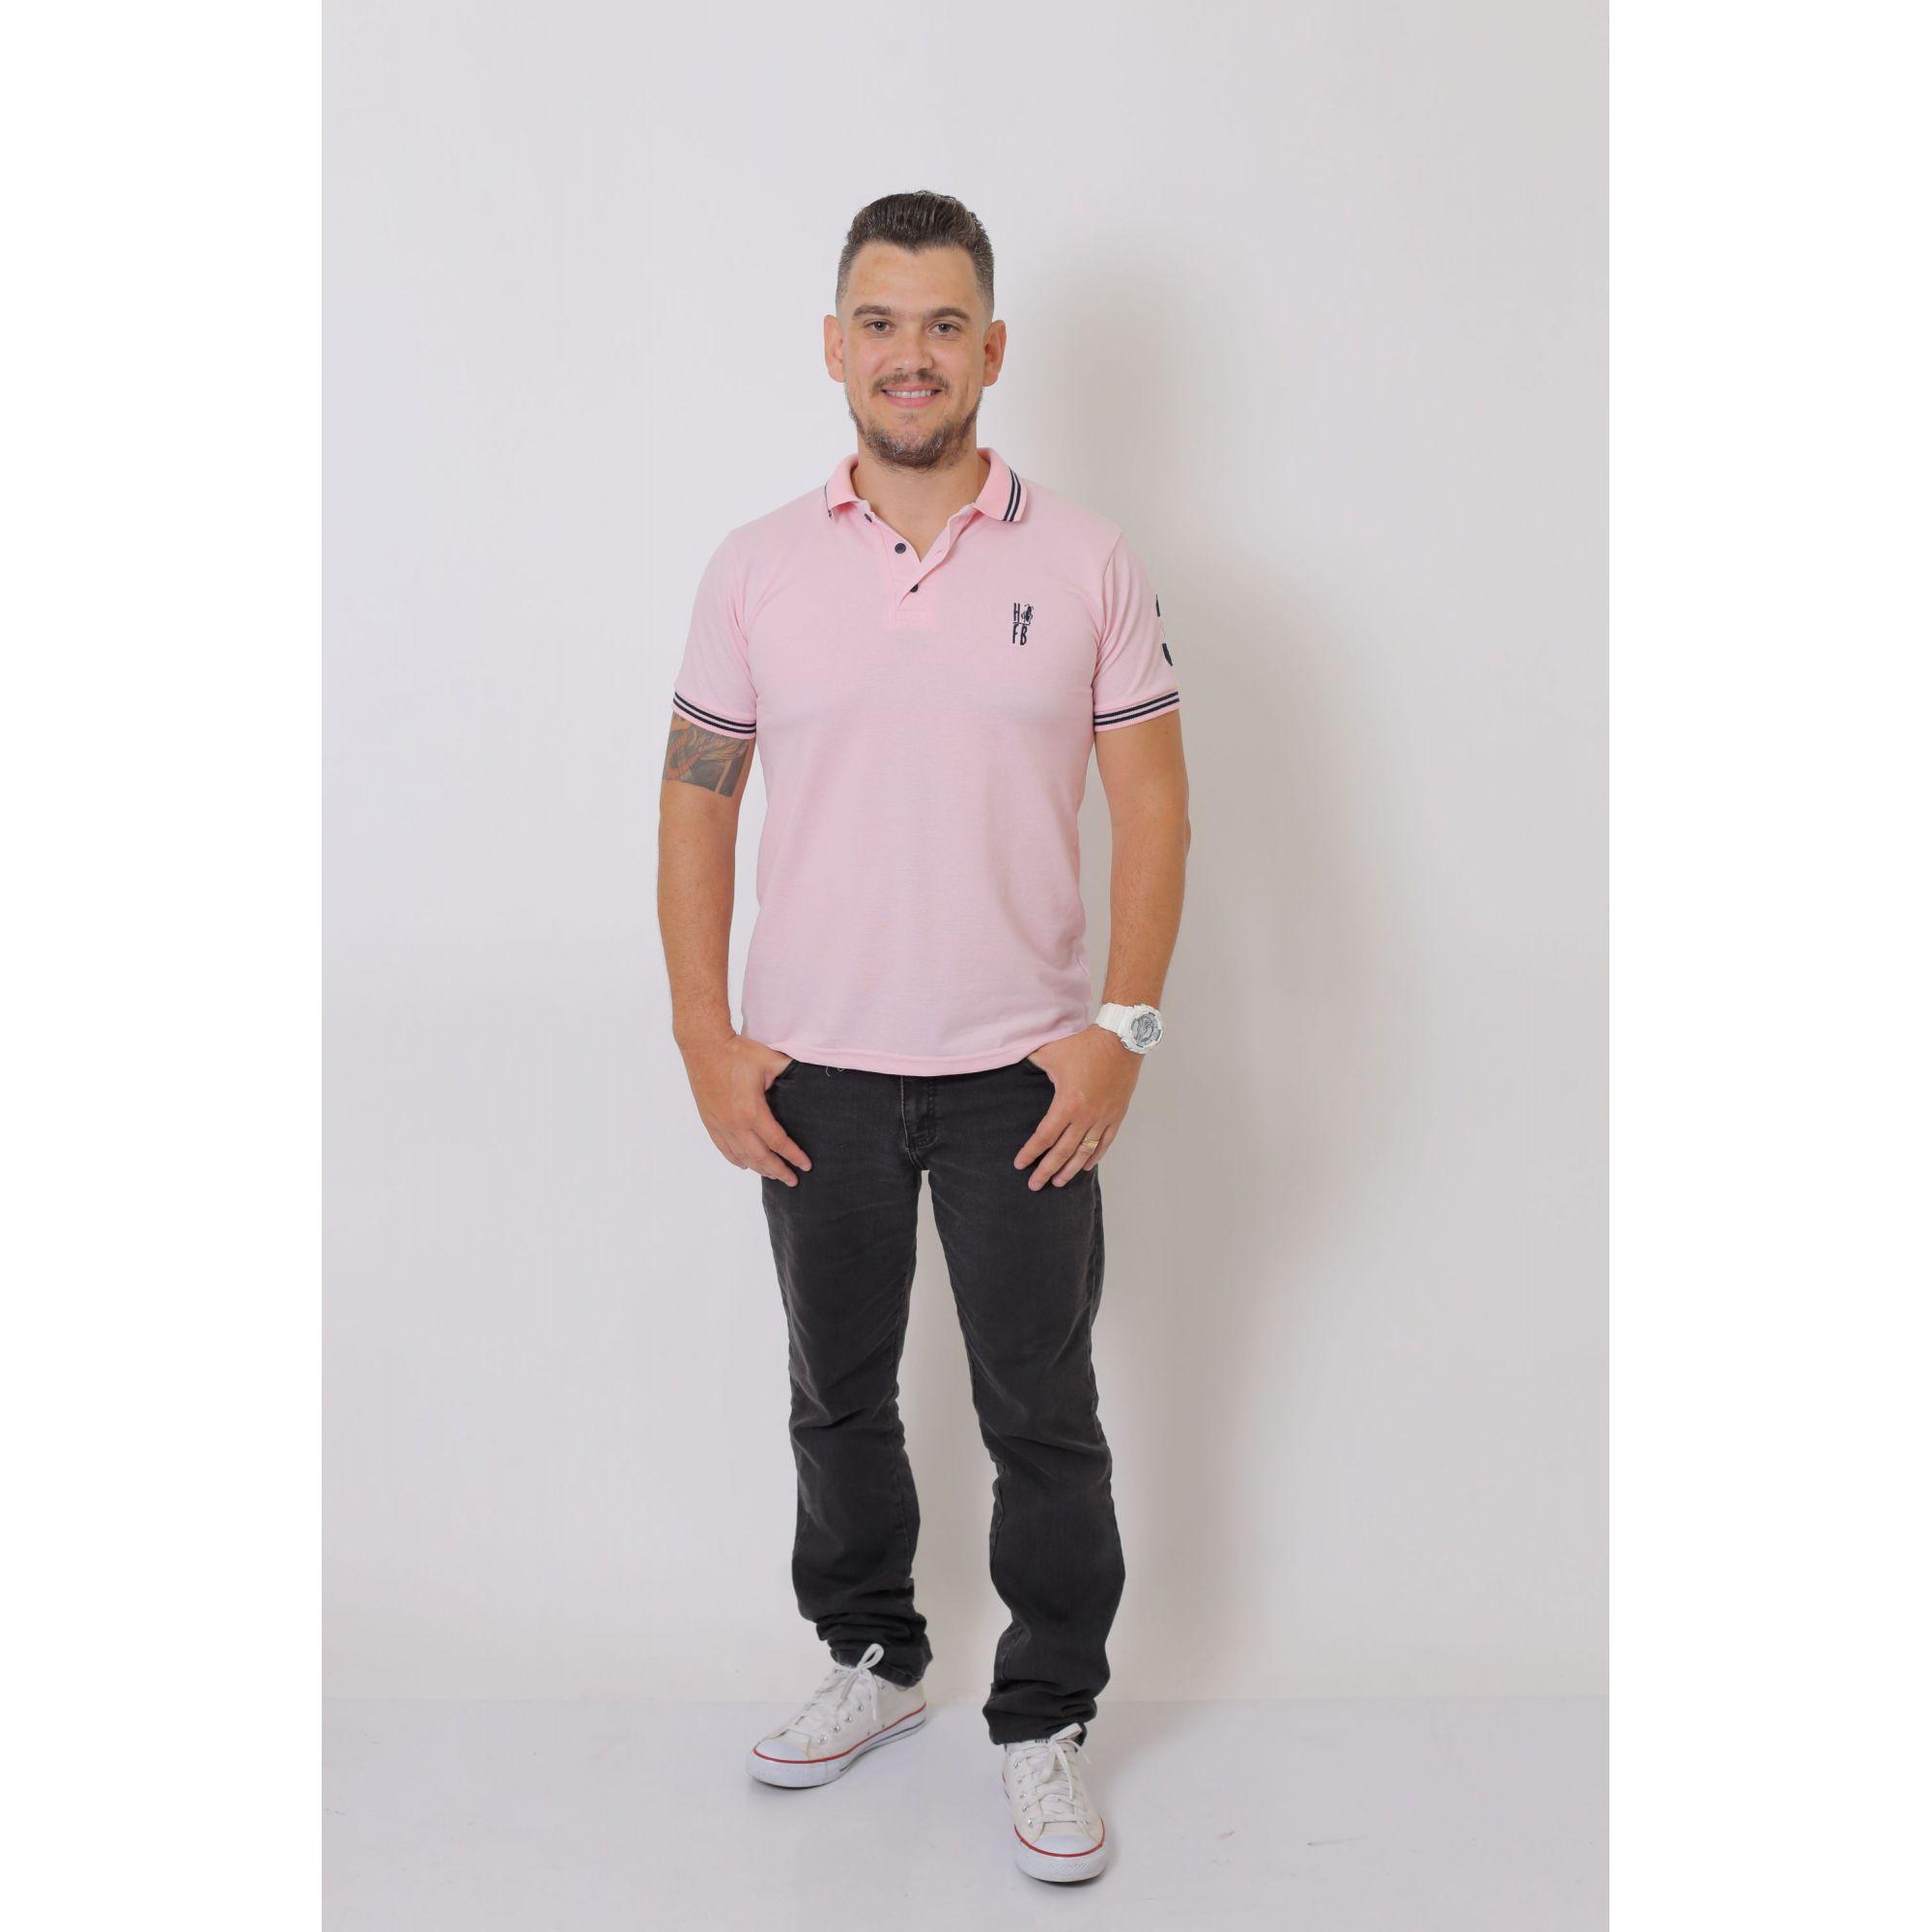 NAMORADOS > Kit 02 Peças Camisa + Vestido Polo Rosa Amor [Coleção Namorados]  - Heitor Fashion Brazil